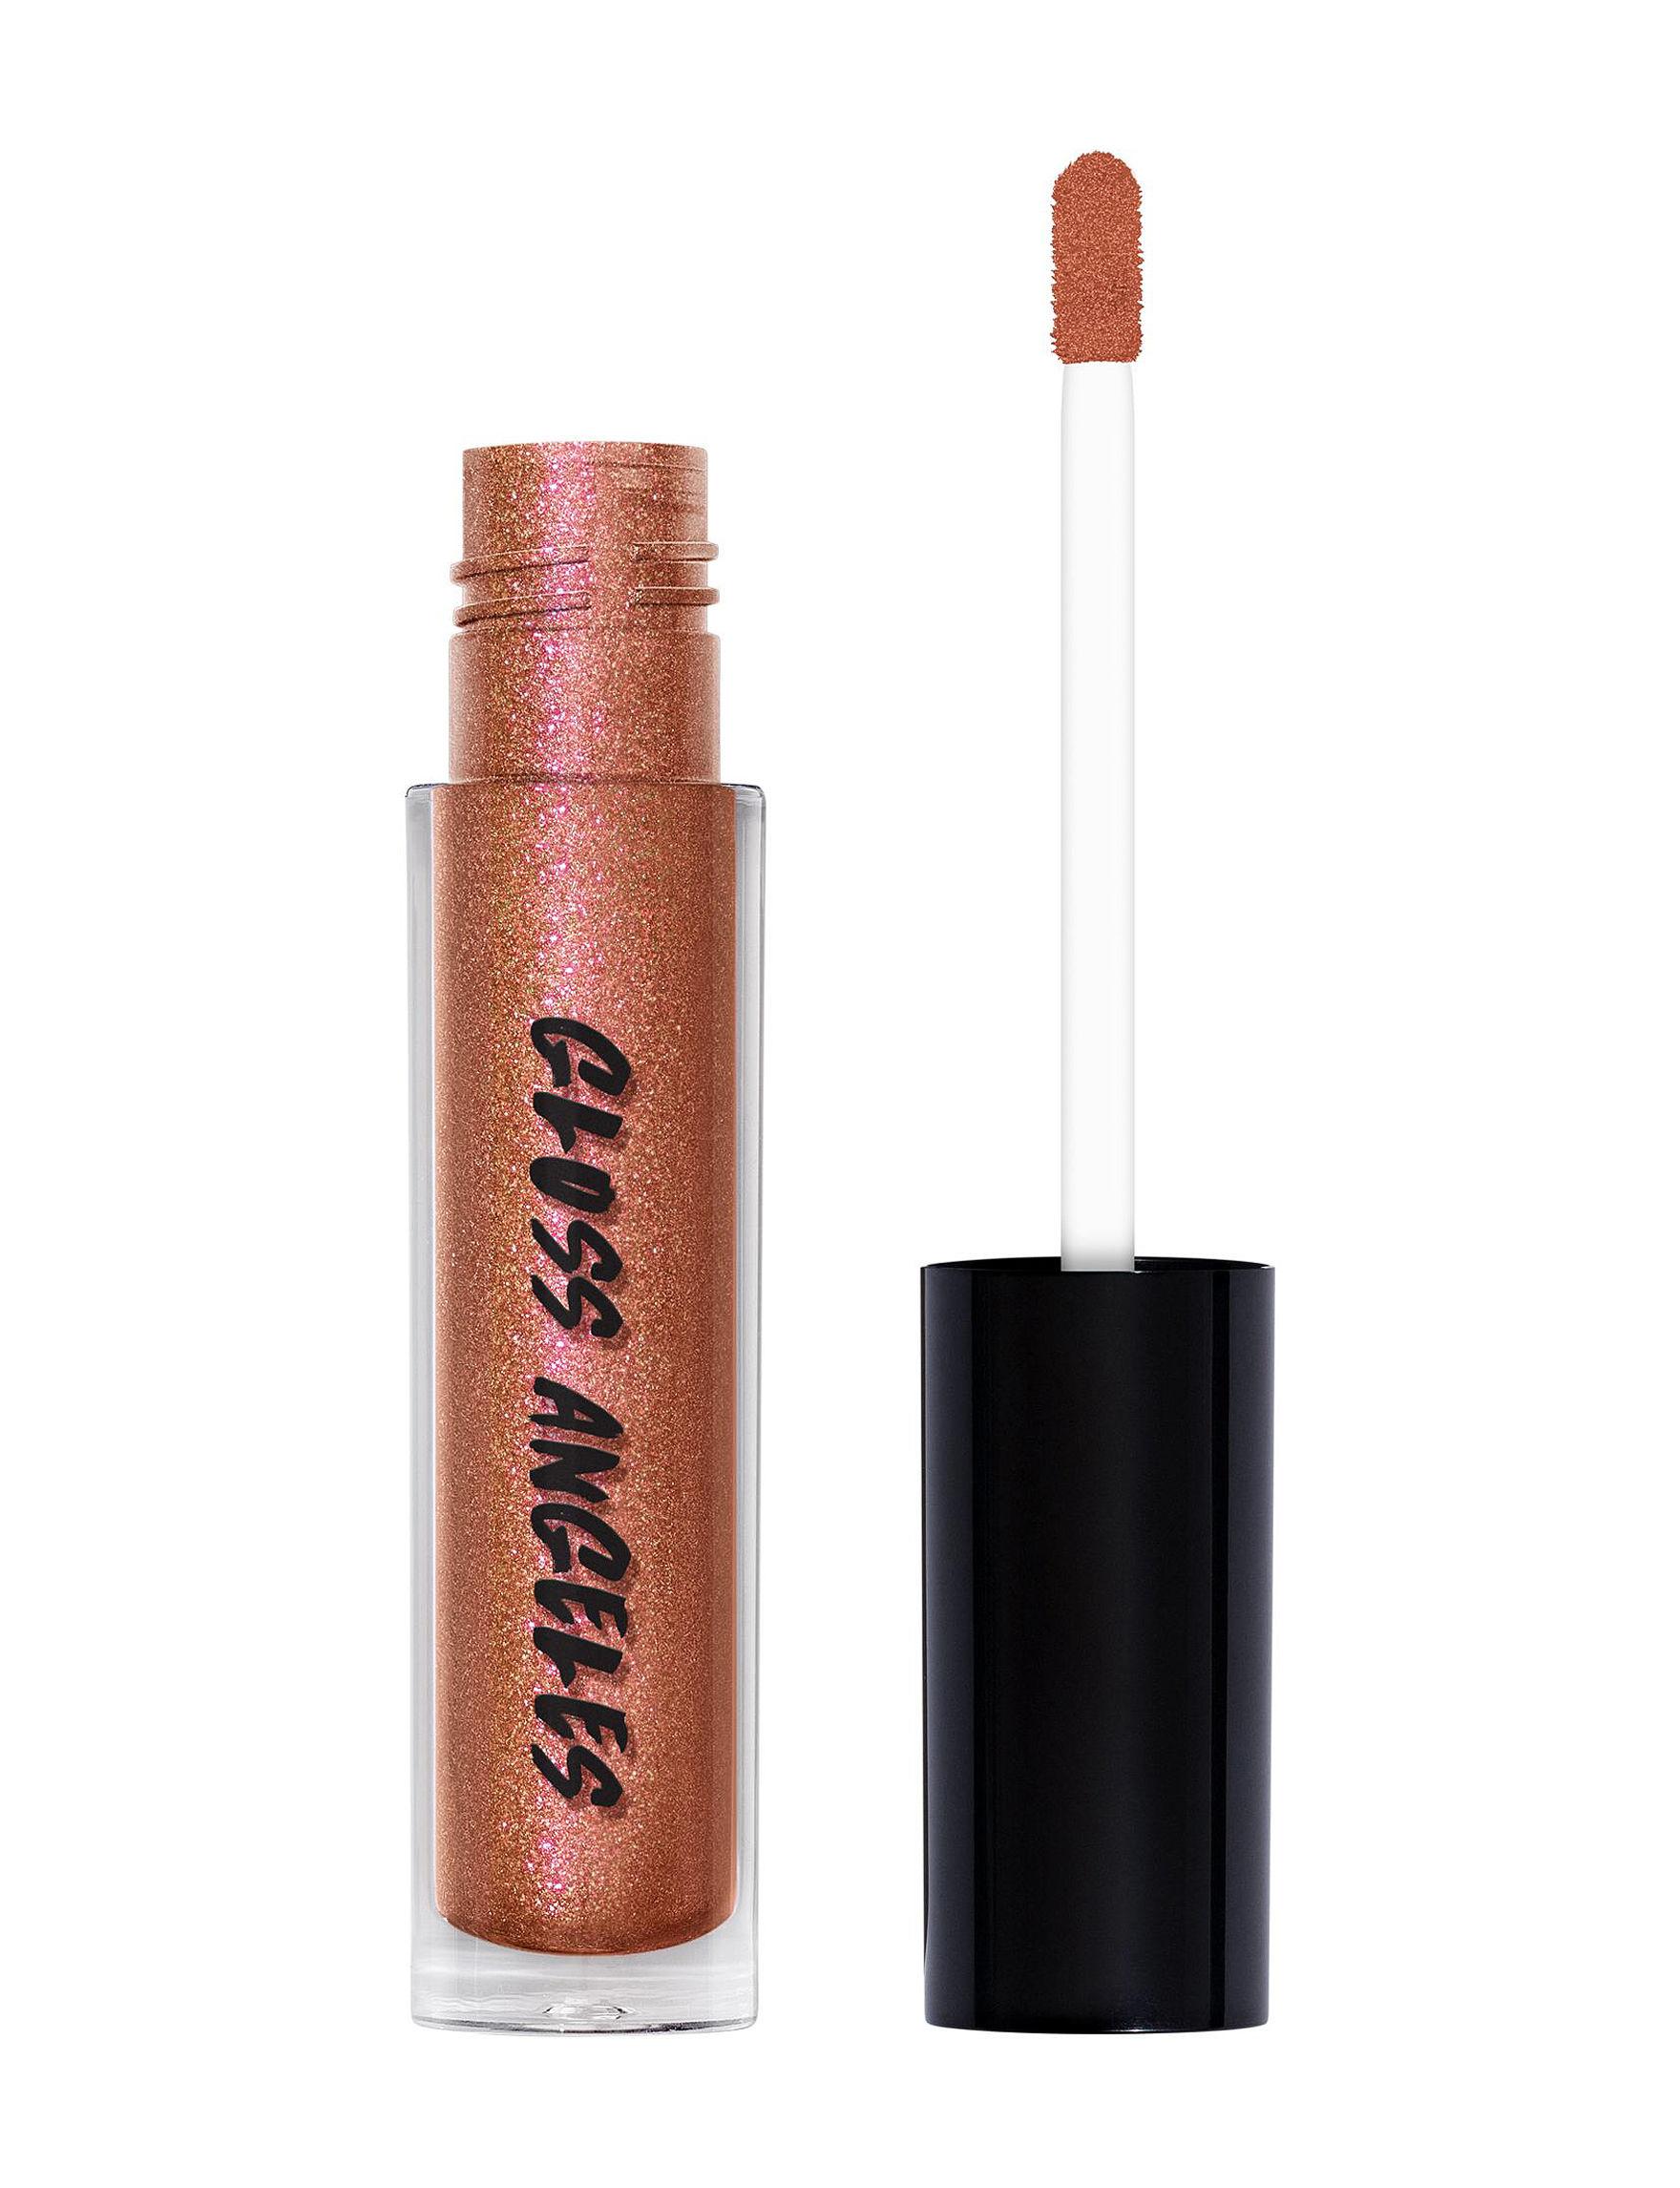 Smashbox Hustle & Glow Lips Lip Gloss